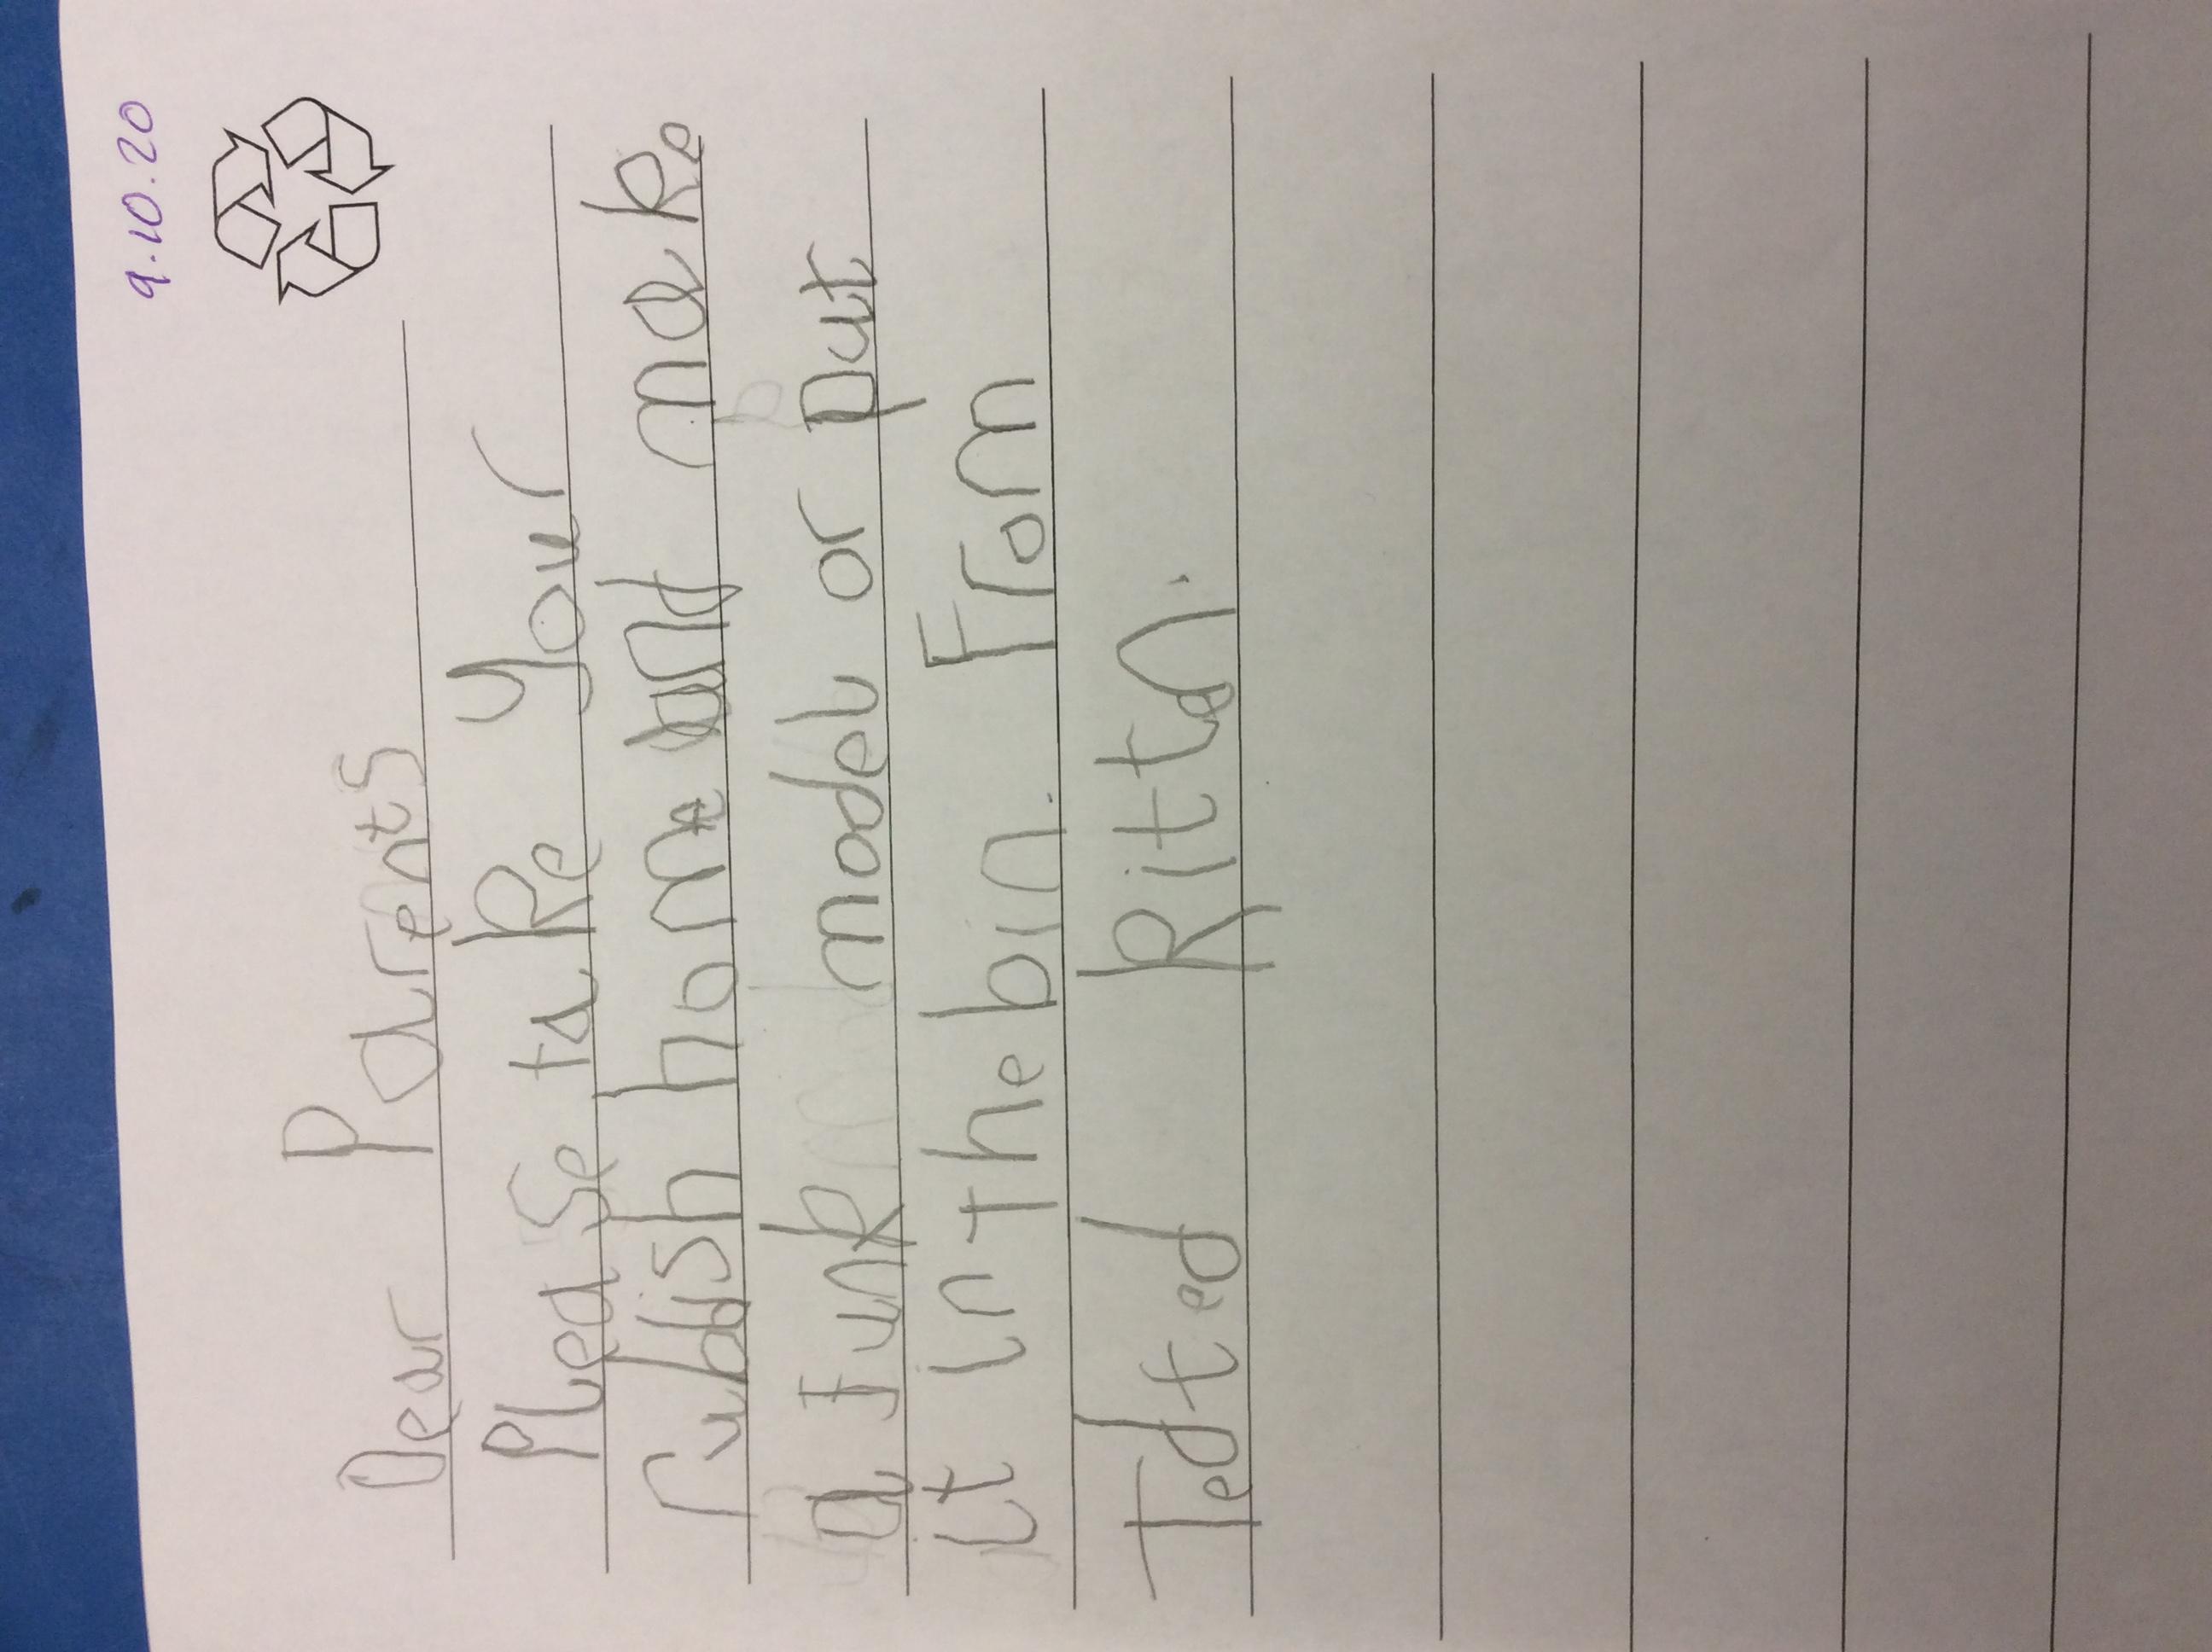 Teddy's wonderful writing!